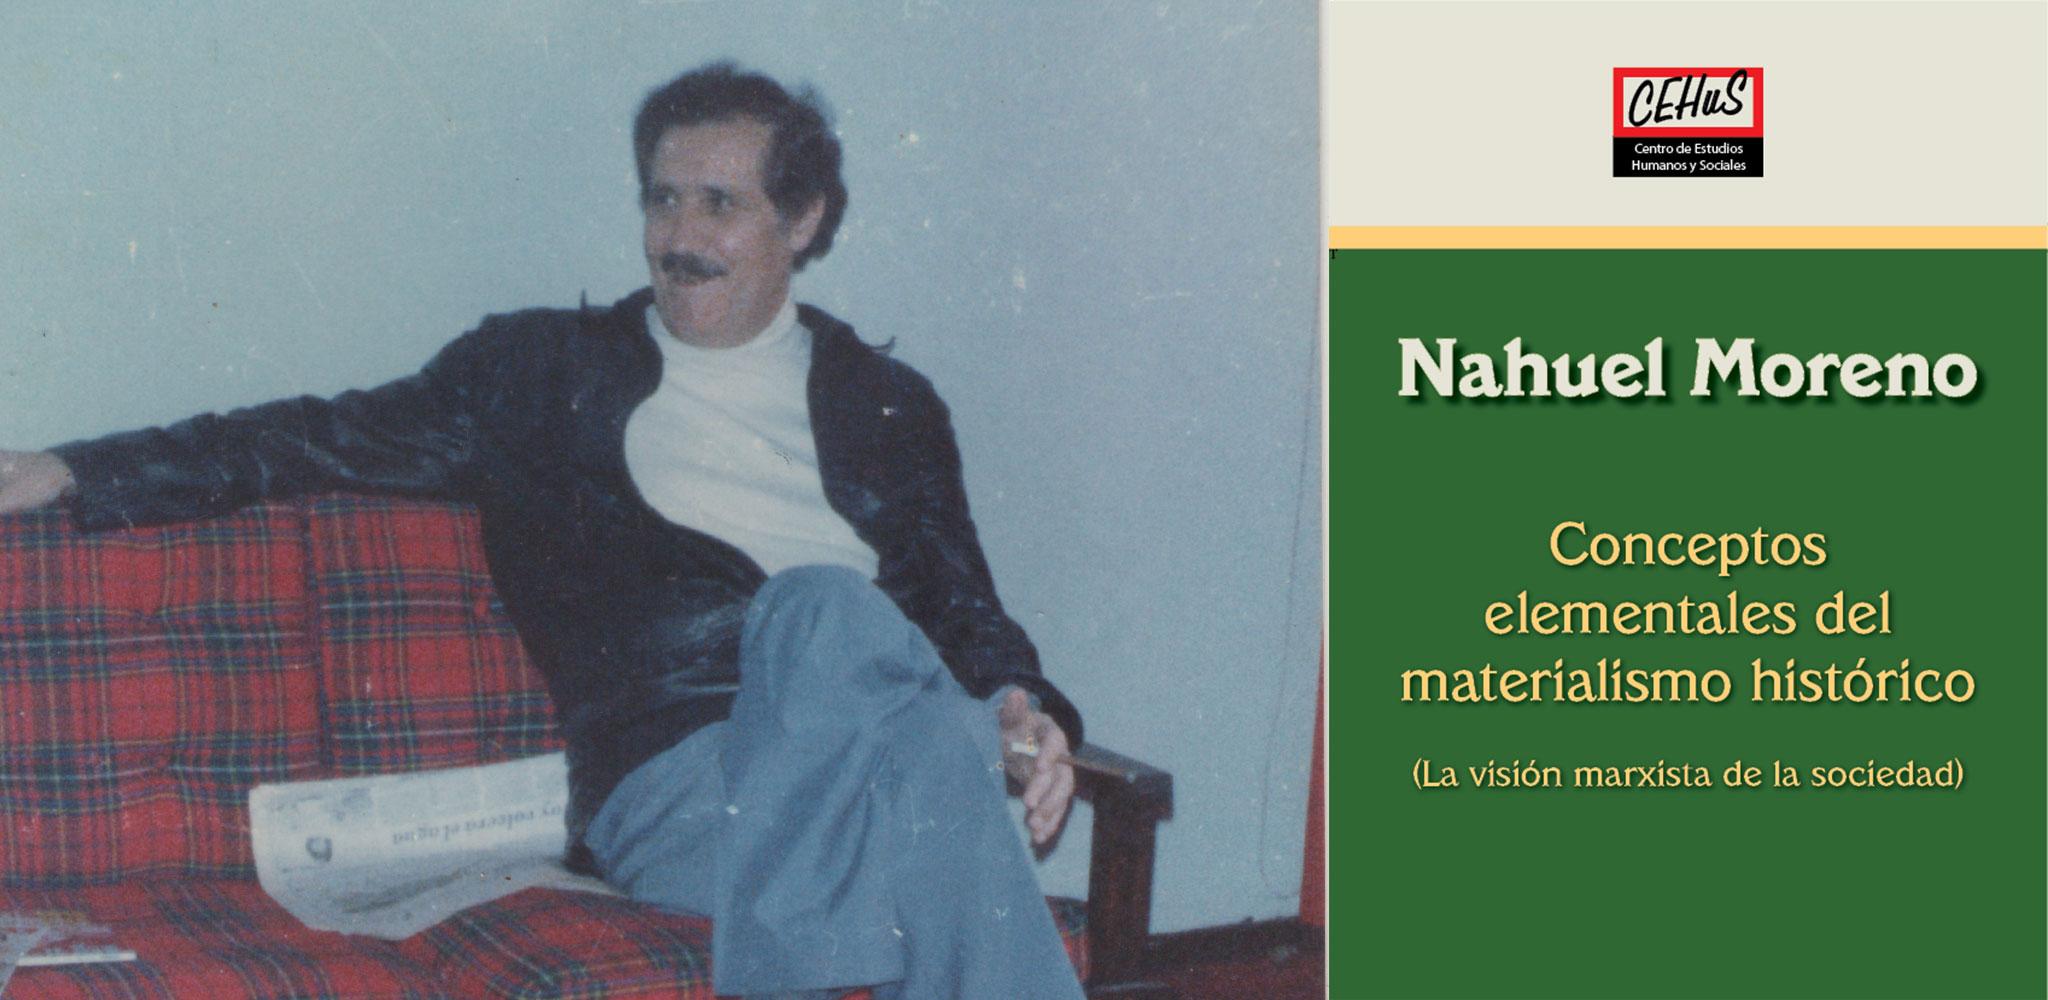 CONCEPTOS ELEMENTALES DEL MATERIALISMO HISTÓRICO (1984)